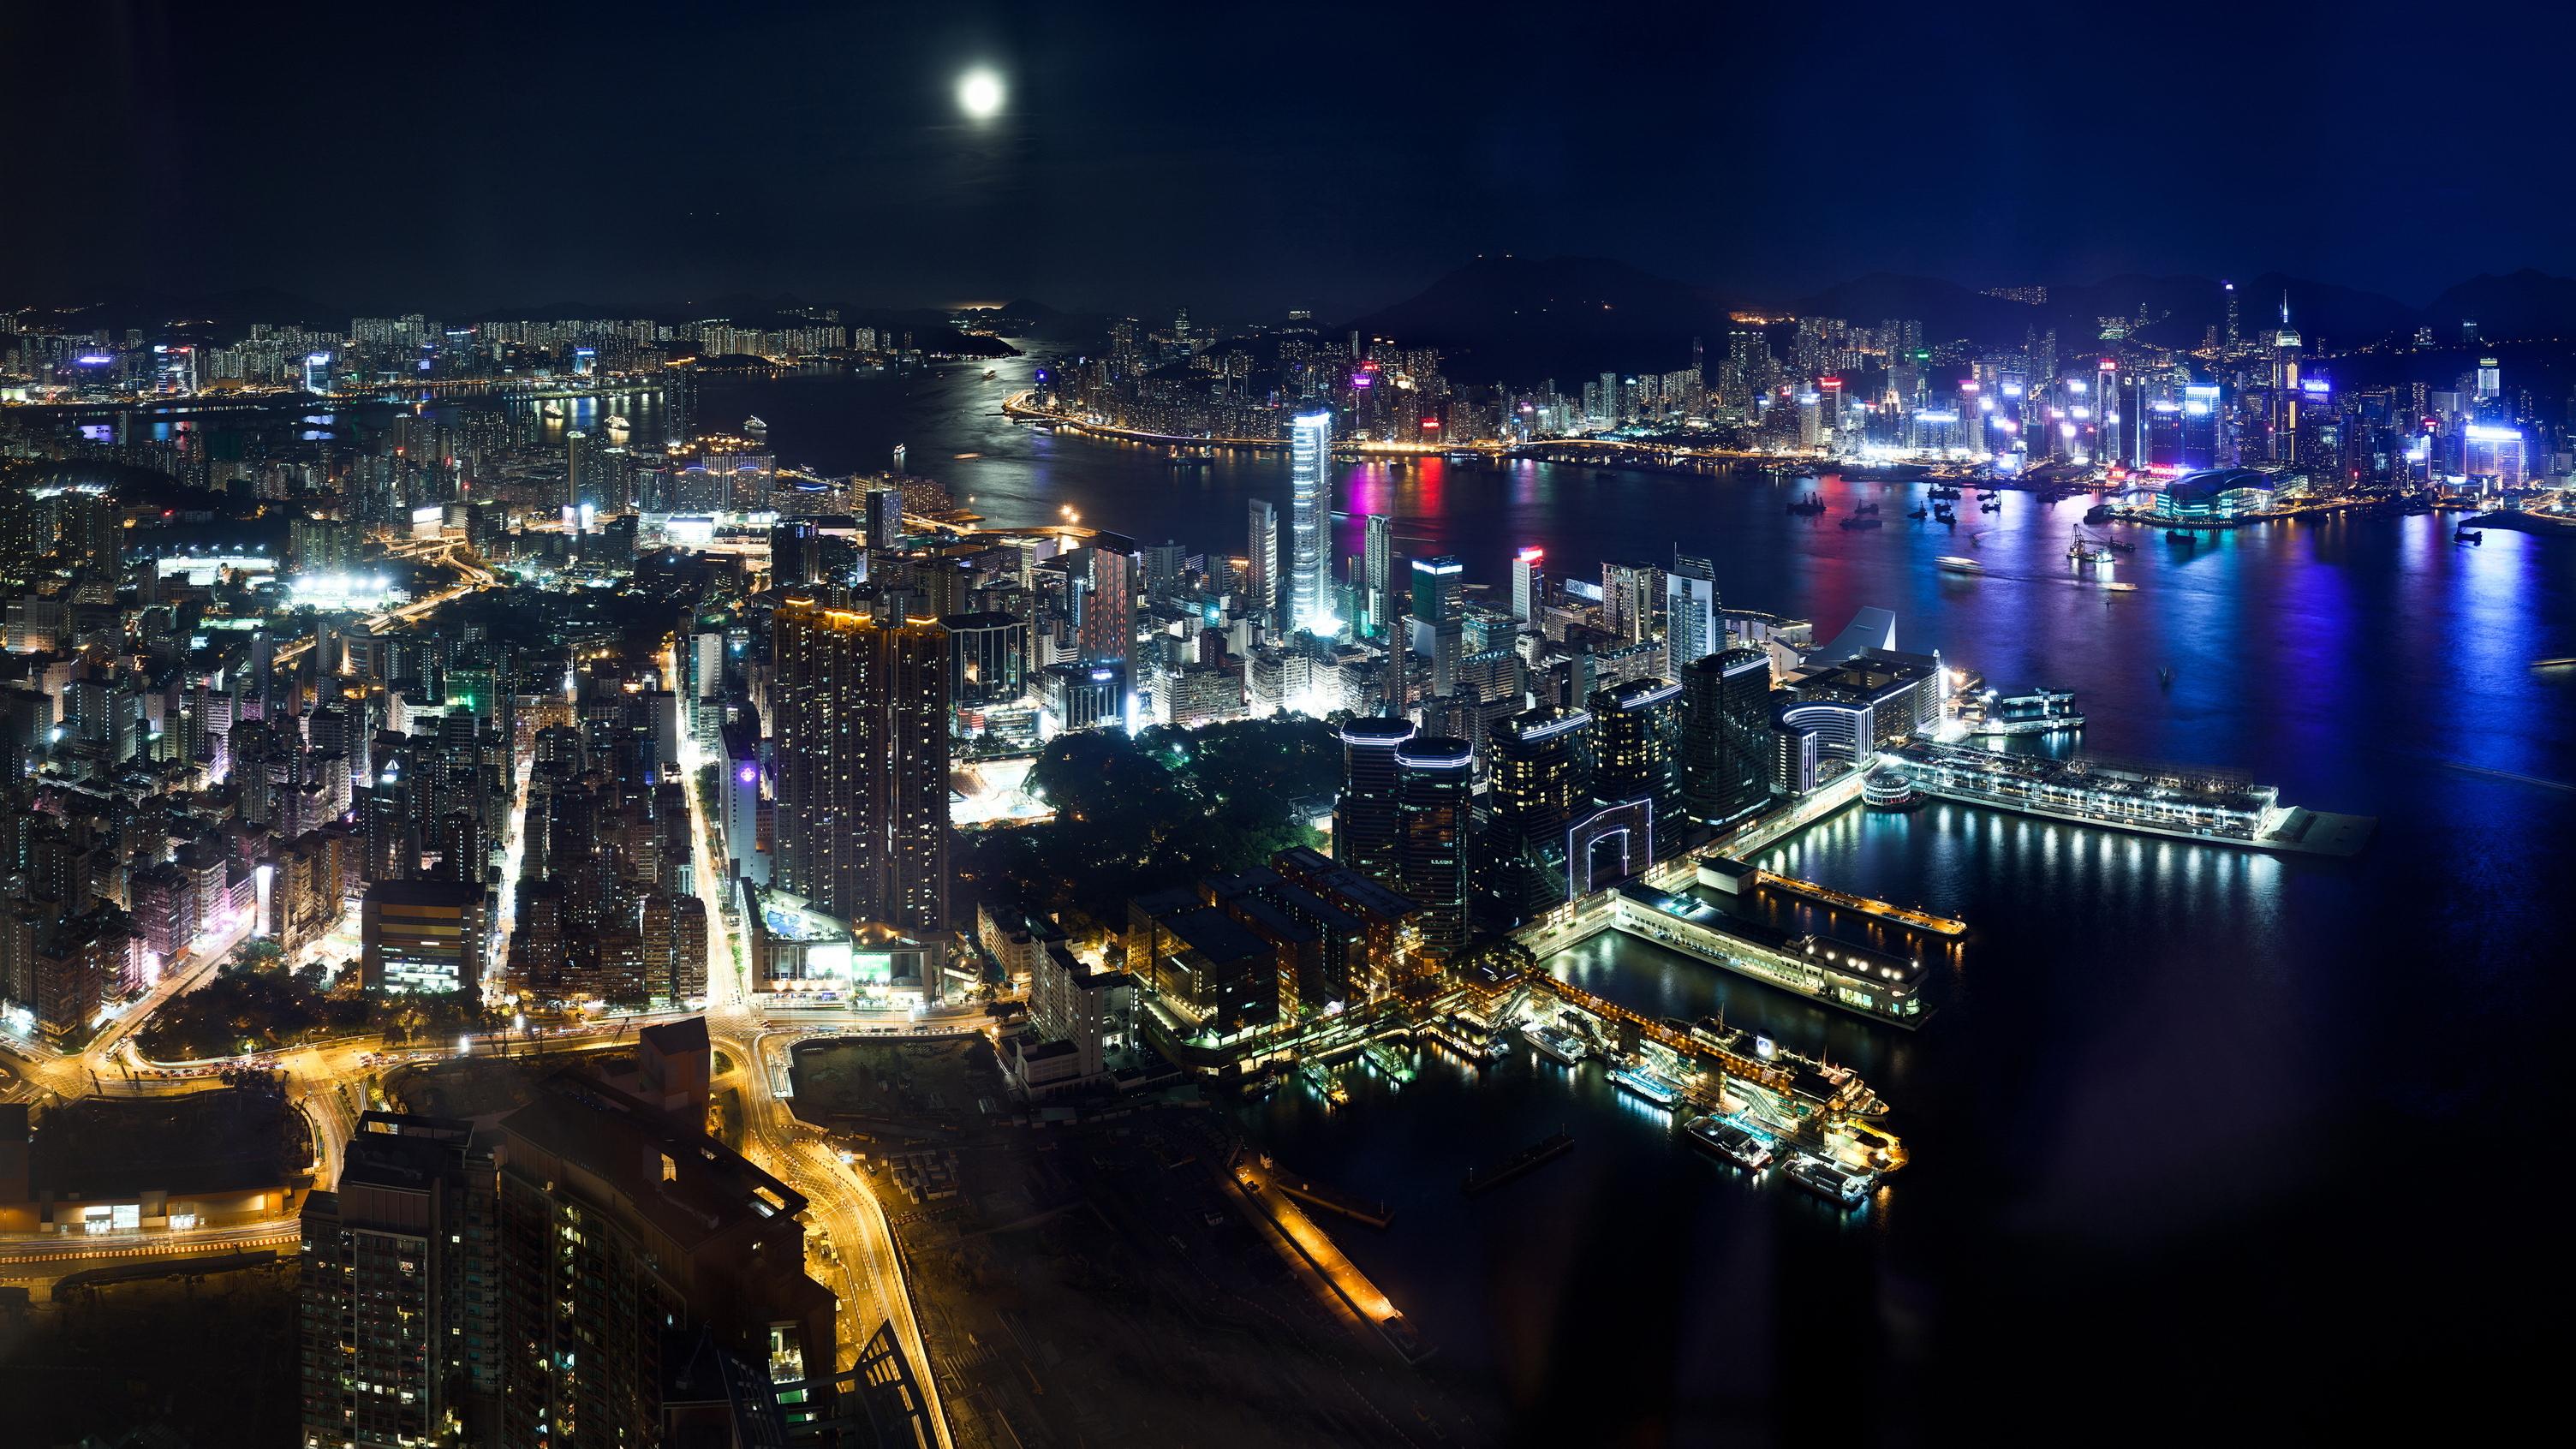 фото ночного города в отличном качестве стихи переведены